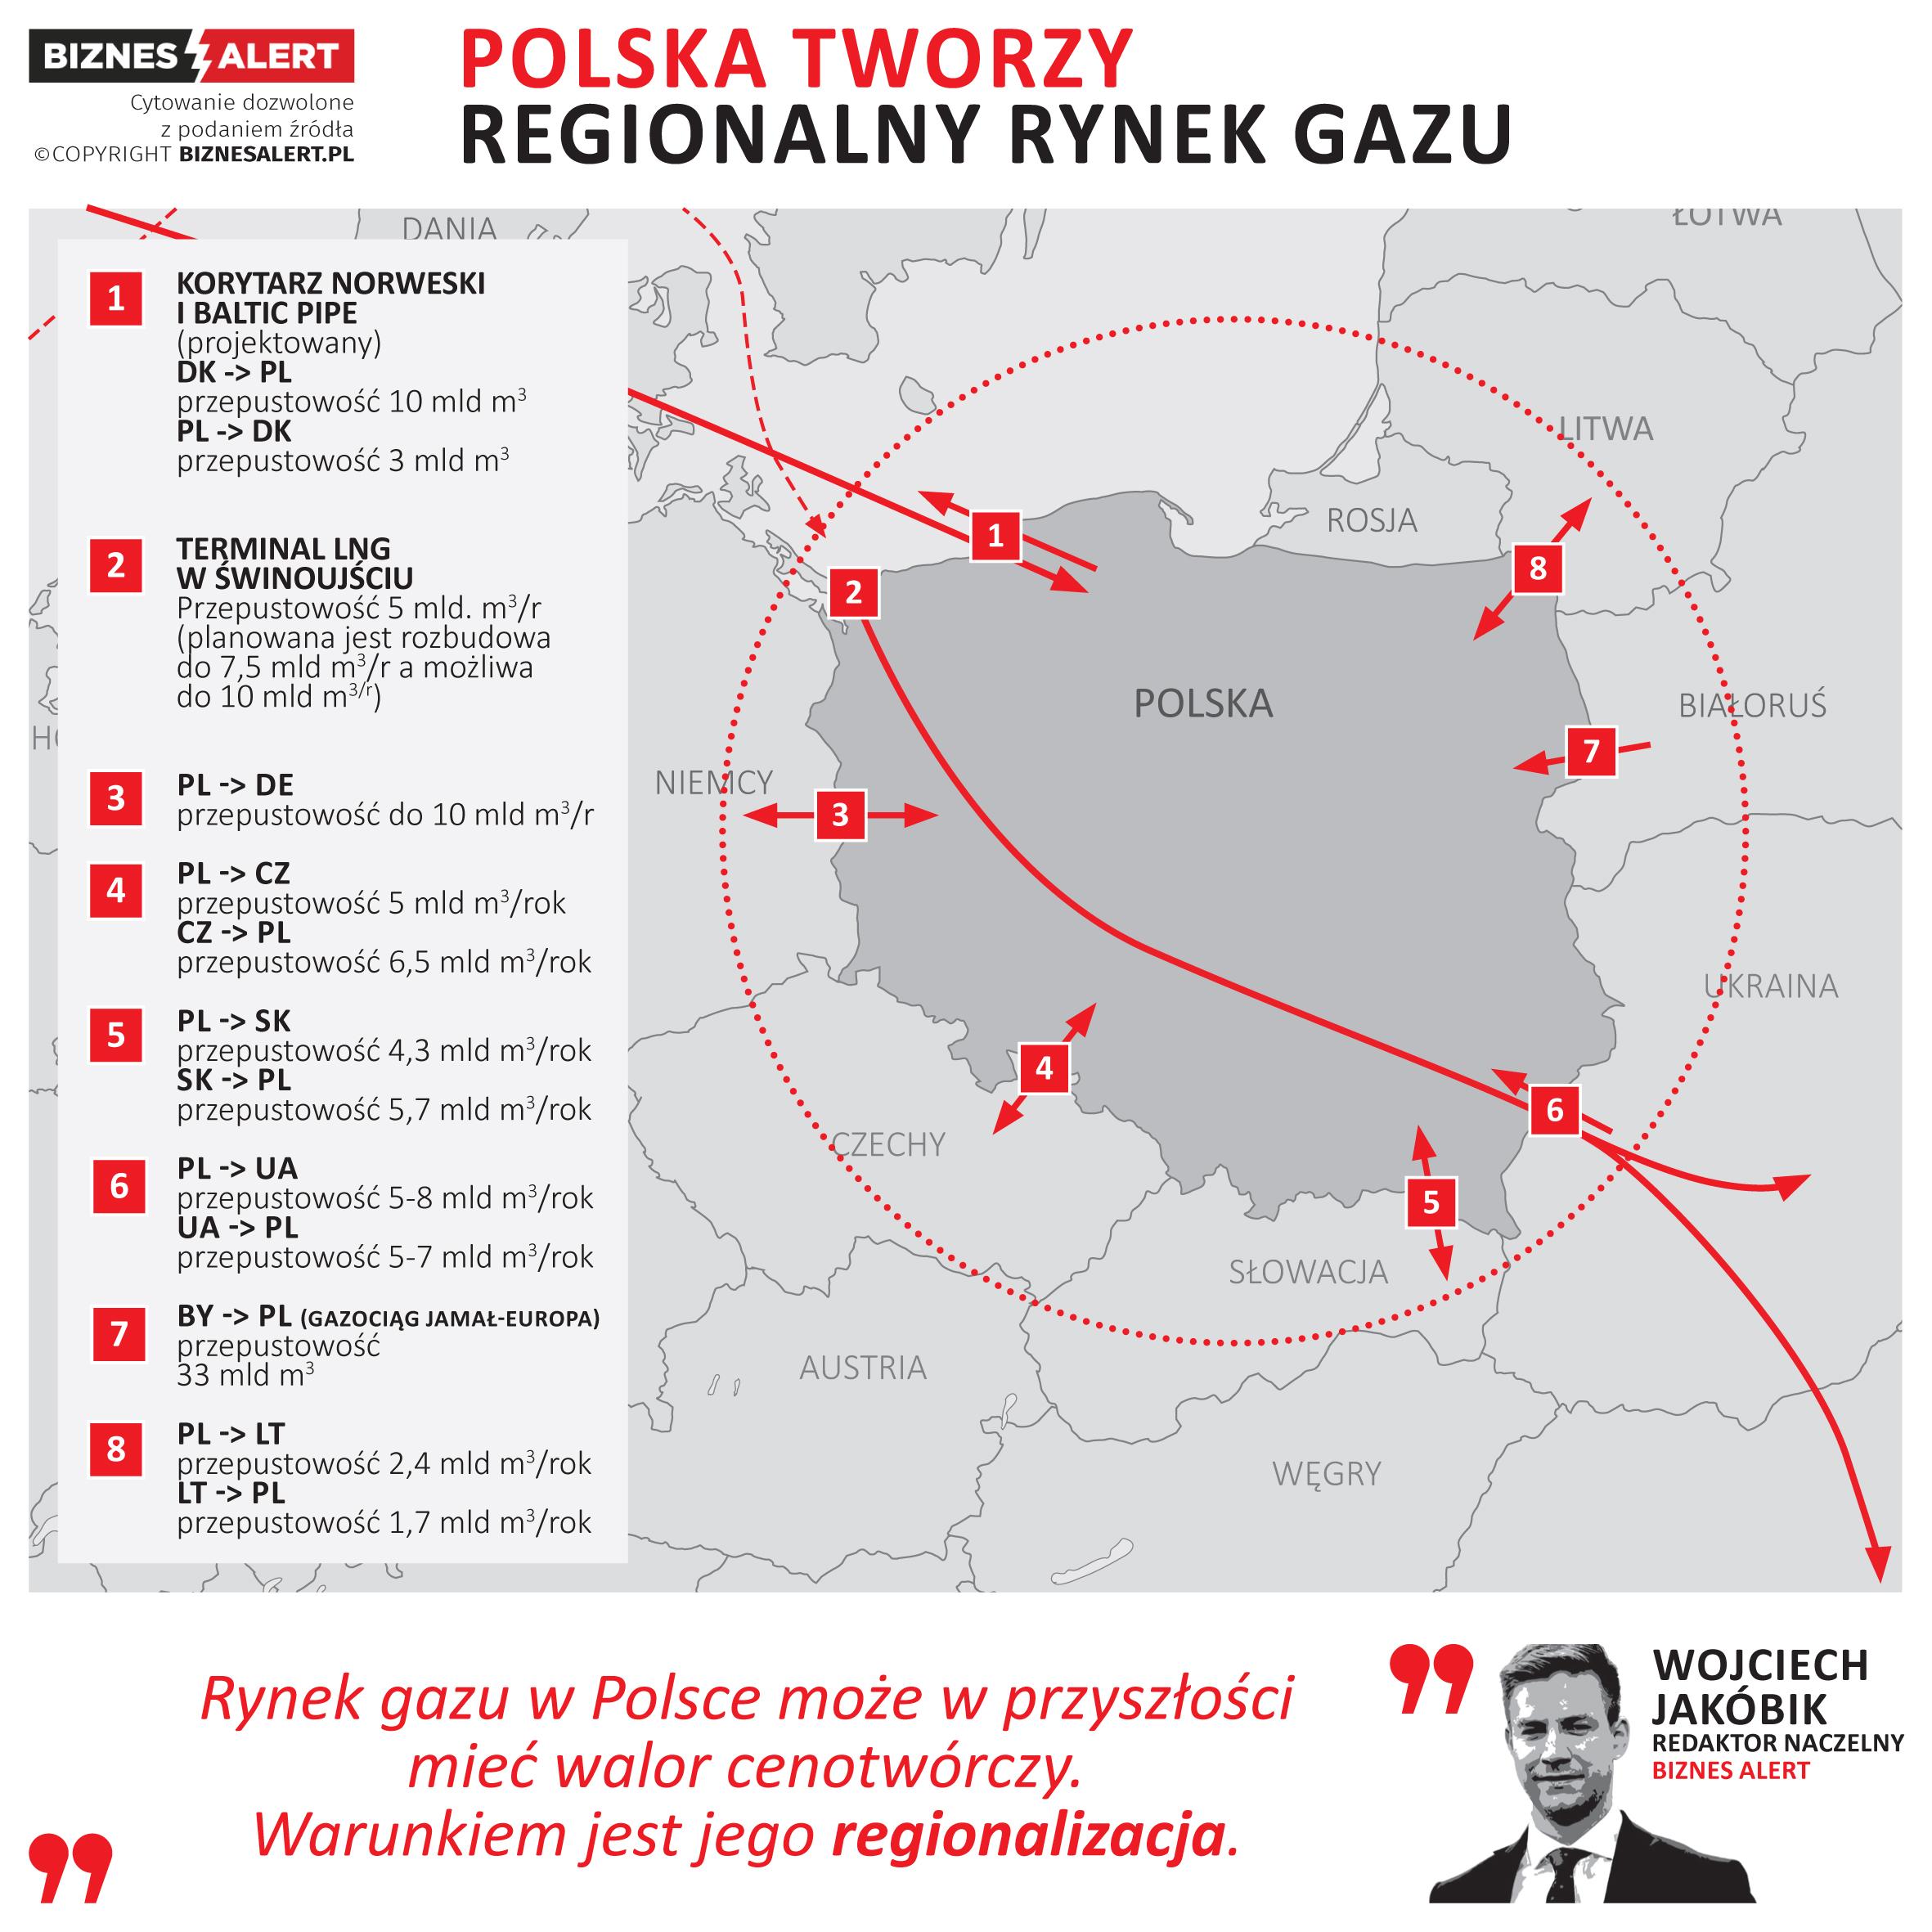 Regionalny rynek gazu. Gazowy Hub Polska? Fot. BiznesAlert.pl